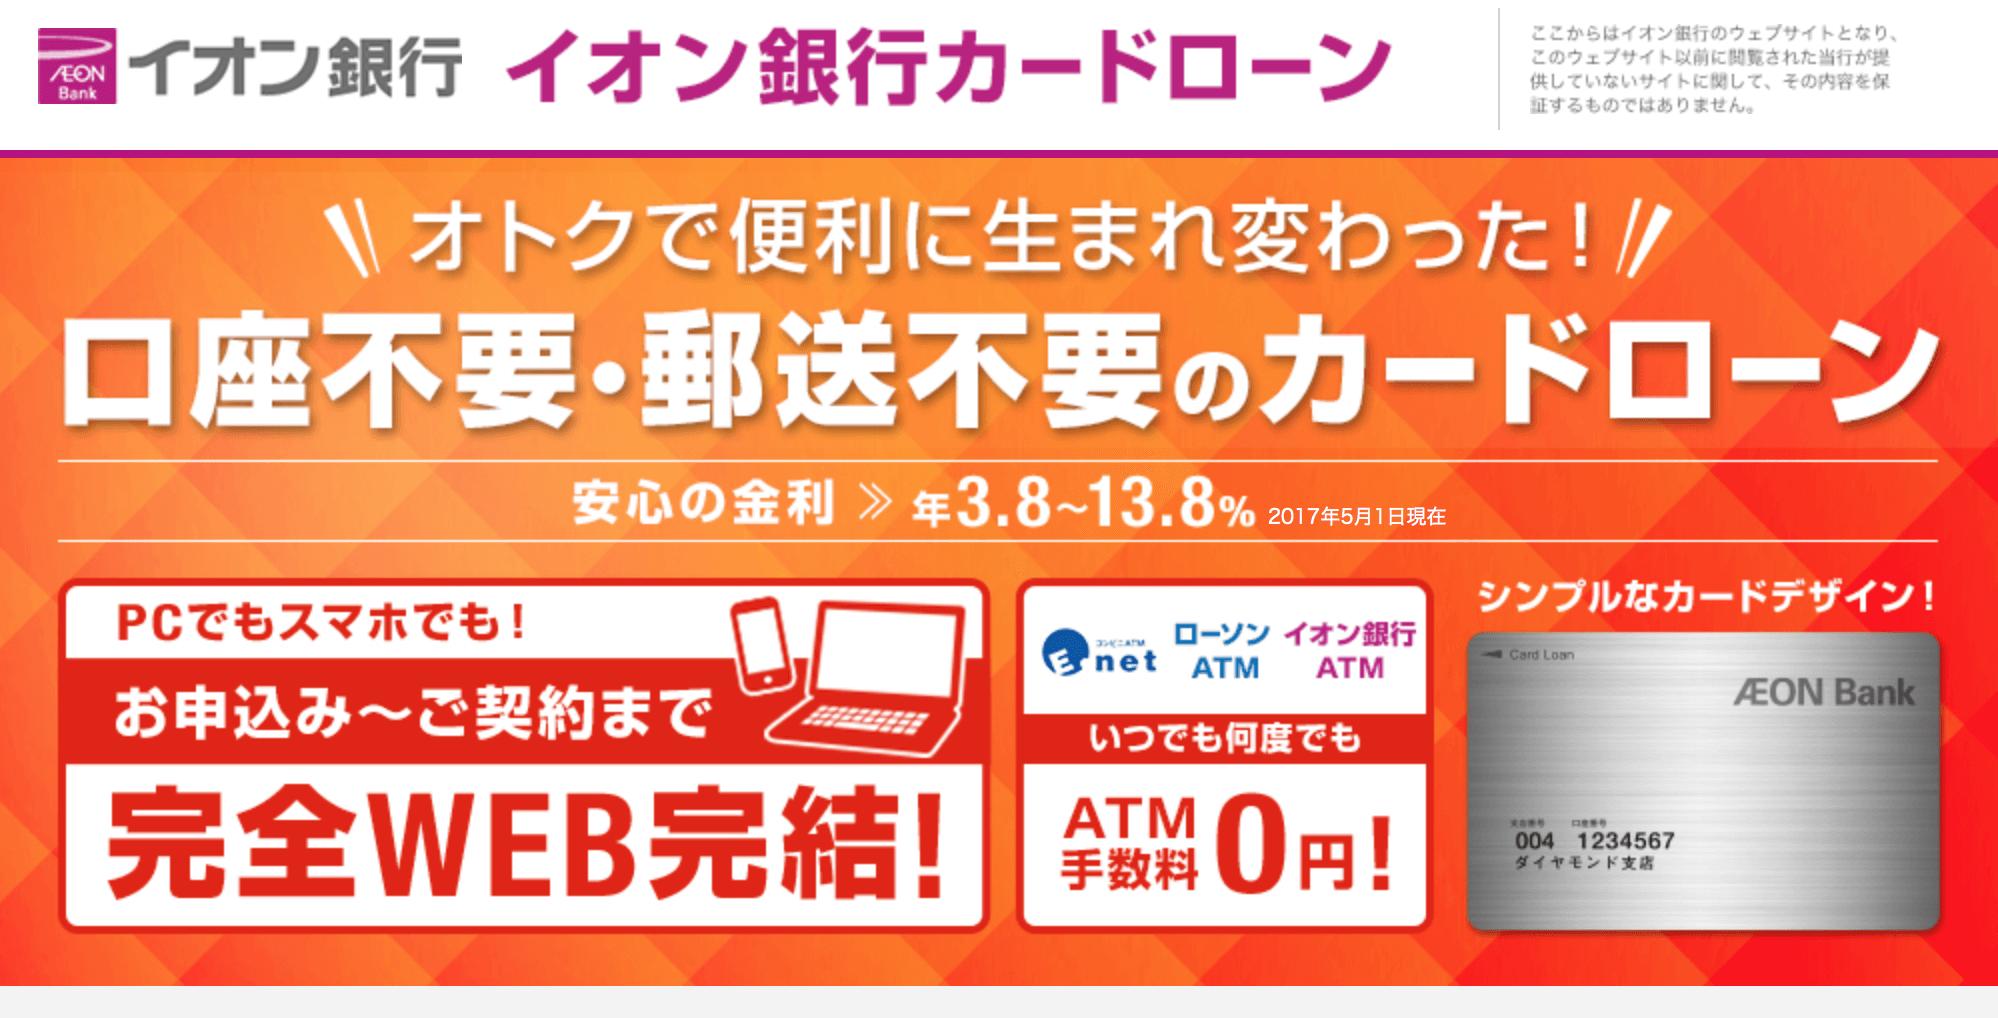 イオン銀行カードローンの公式ページ